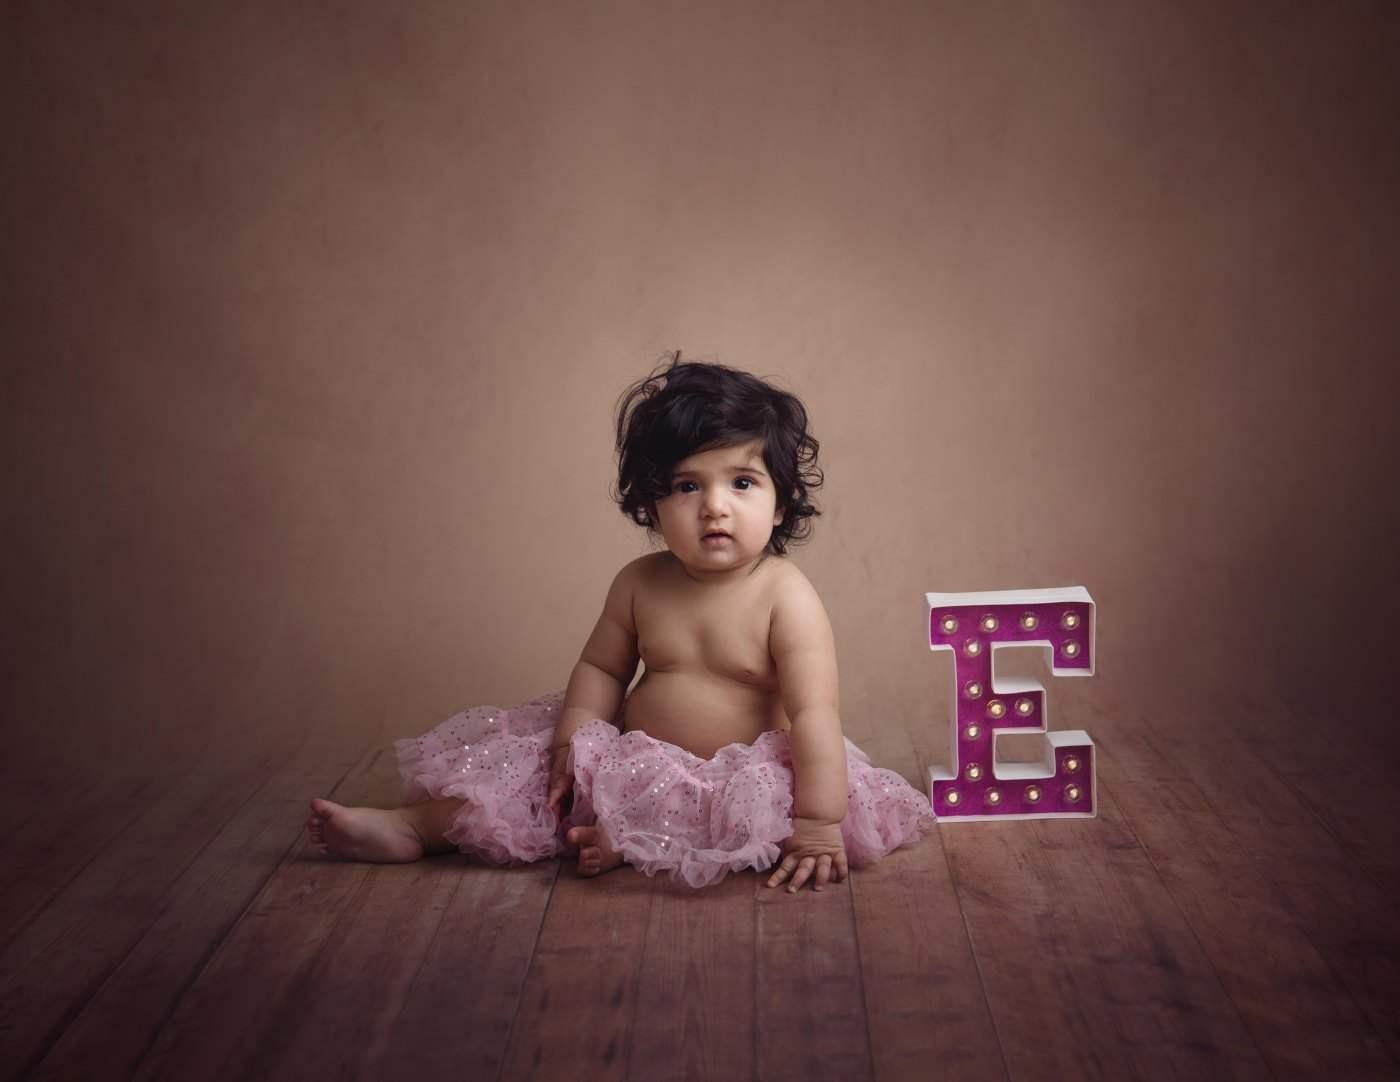 child photography weybridge surrey